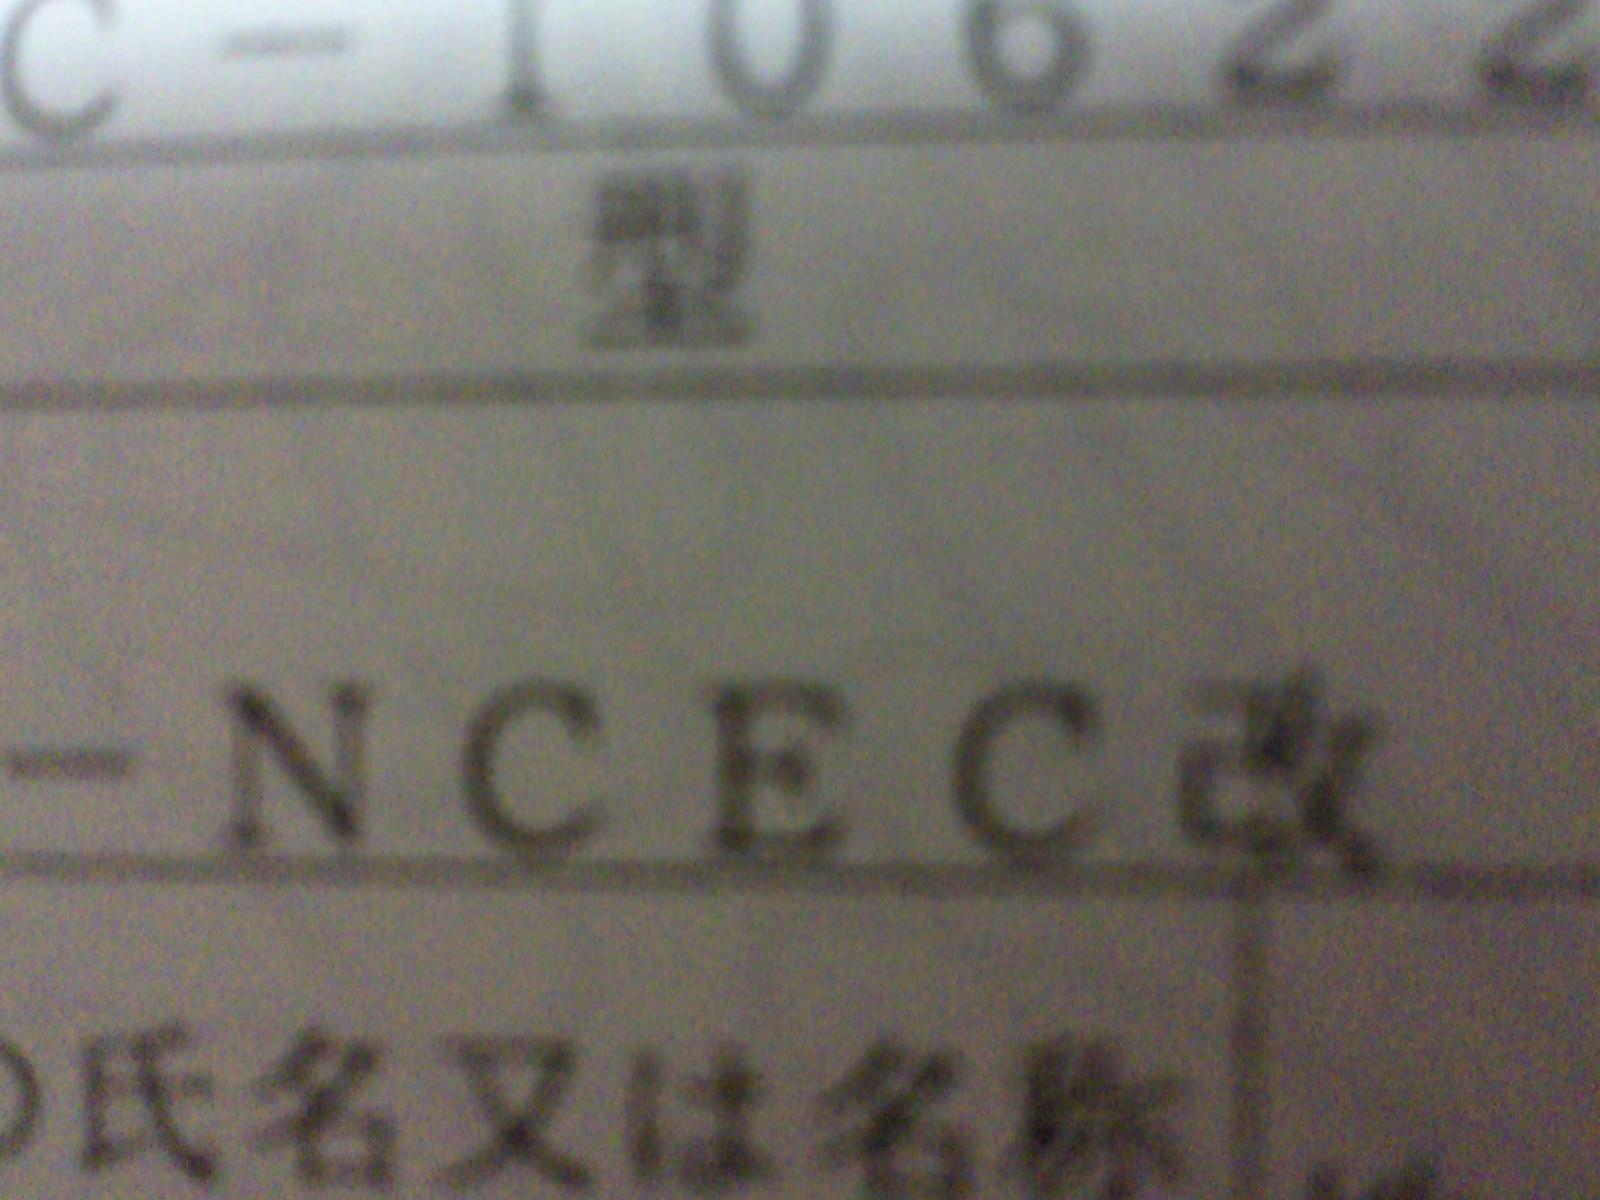 Nec_6332